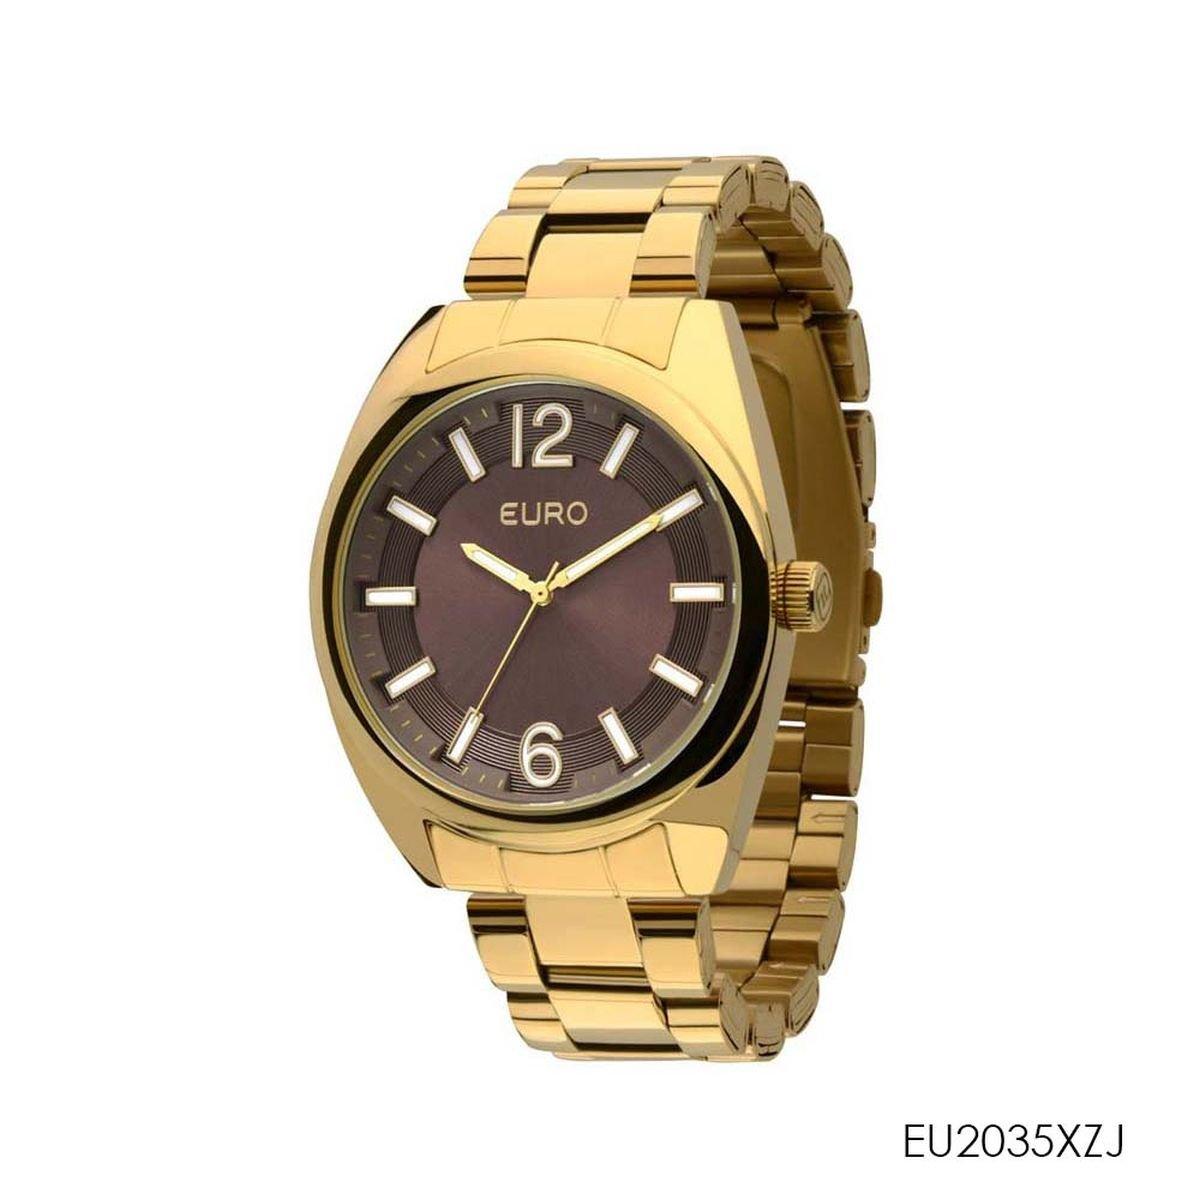 c7d1689e7d4 Relógio Feminino Euro Analógico EU2035XZJ4M Dourado - Zuazen